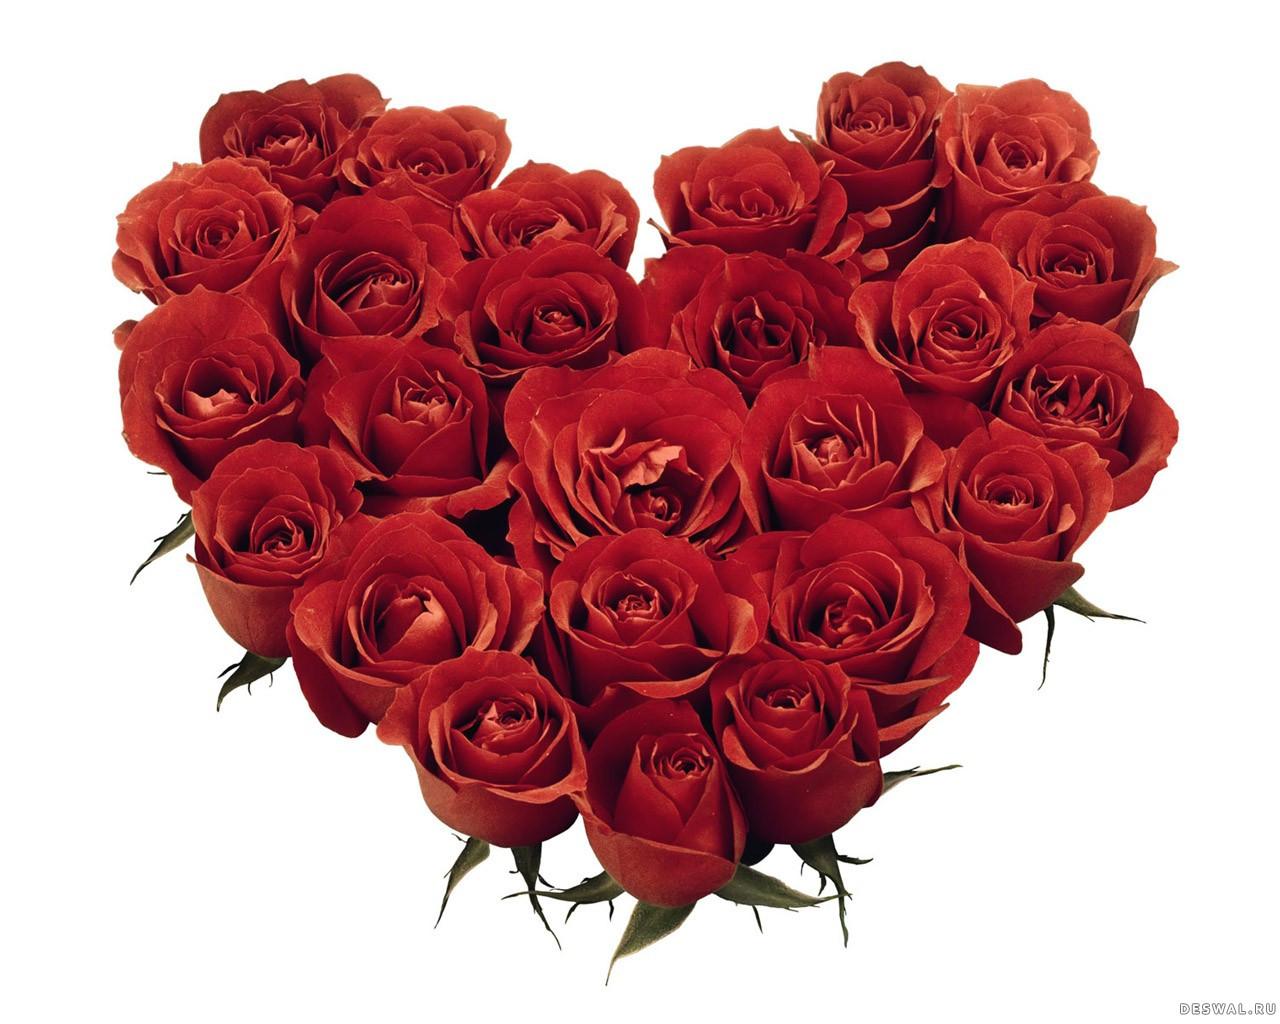 Фото 30. Нажмите на картинку с романтическими обоями - любовь, чтобы просмотреть ее в реальном размере